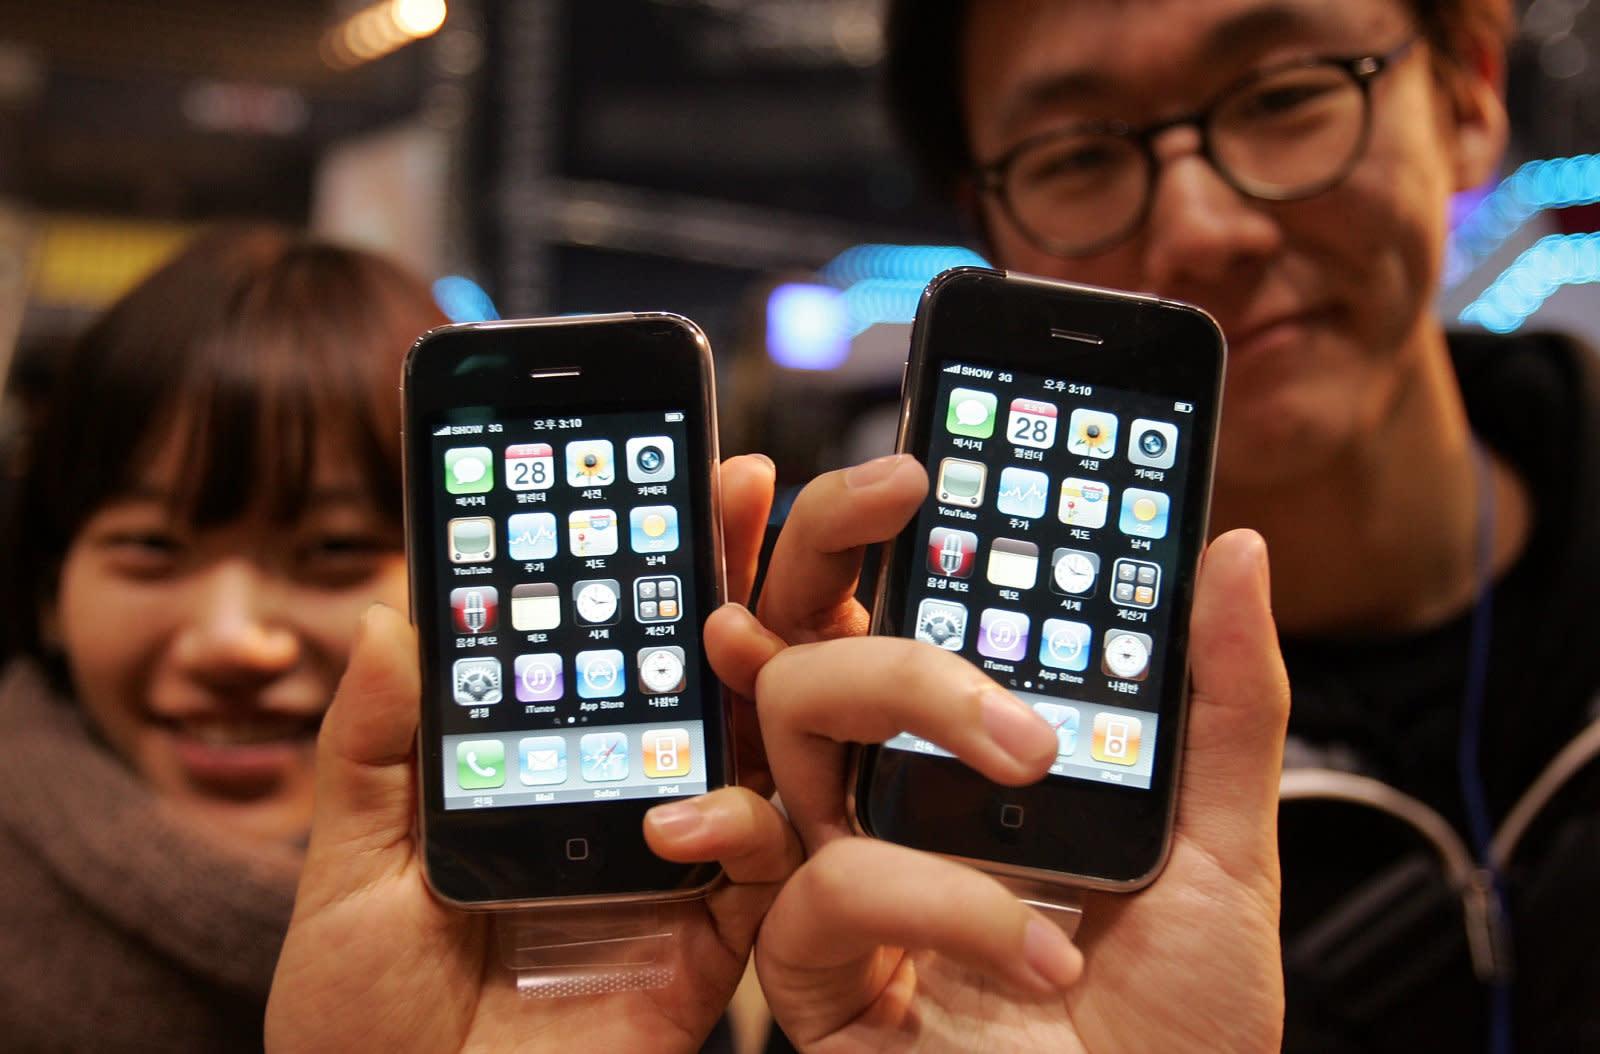 韓国MVNO、9年前のiPhone 3GS(新品)を販売開始。同梱品全アリで約4500円 - Engadget 日本版